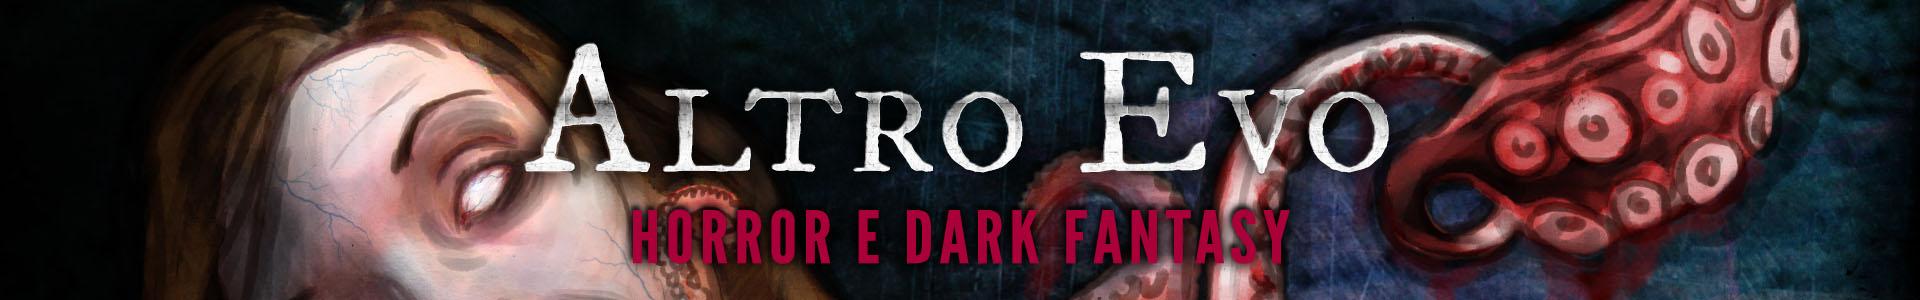 horror e dark fantasy Altro Evo